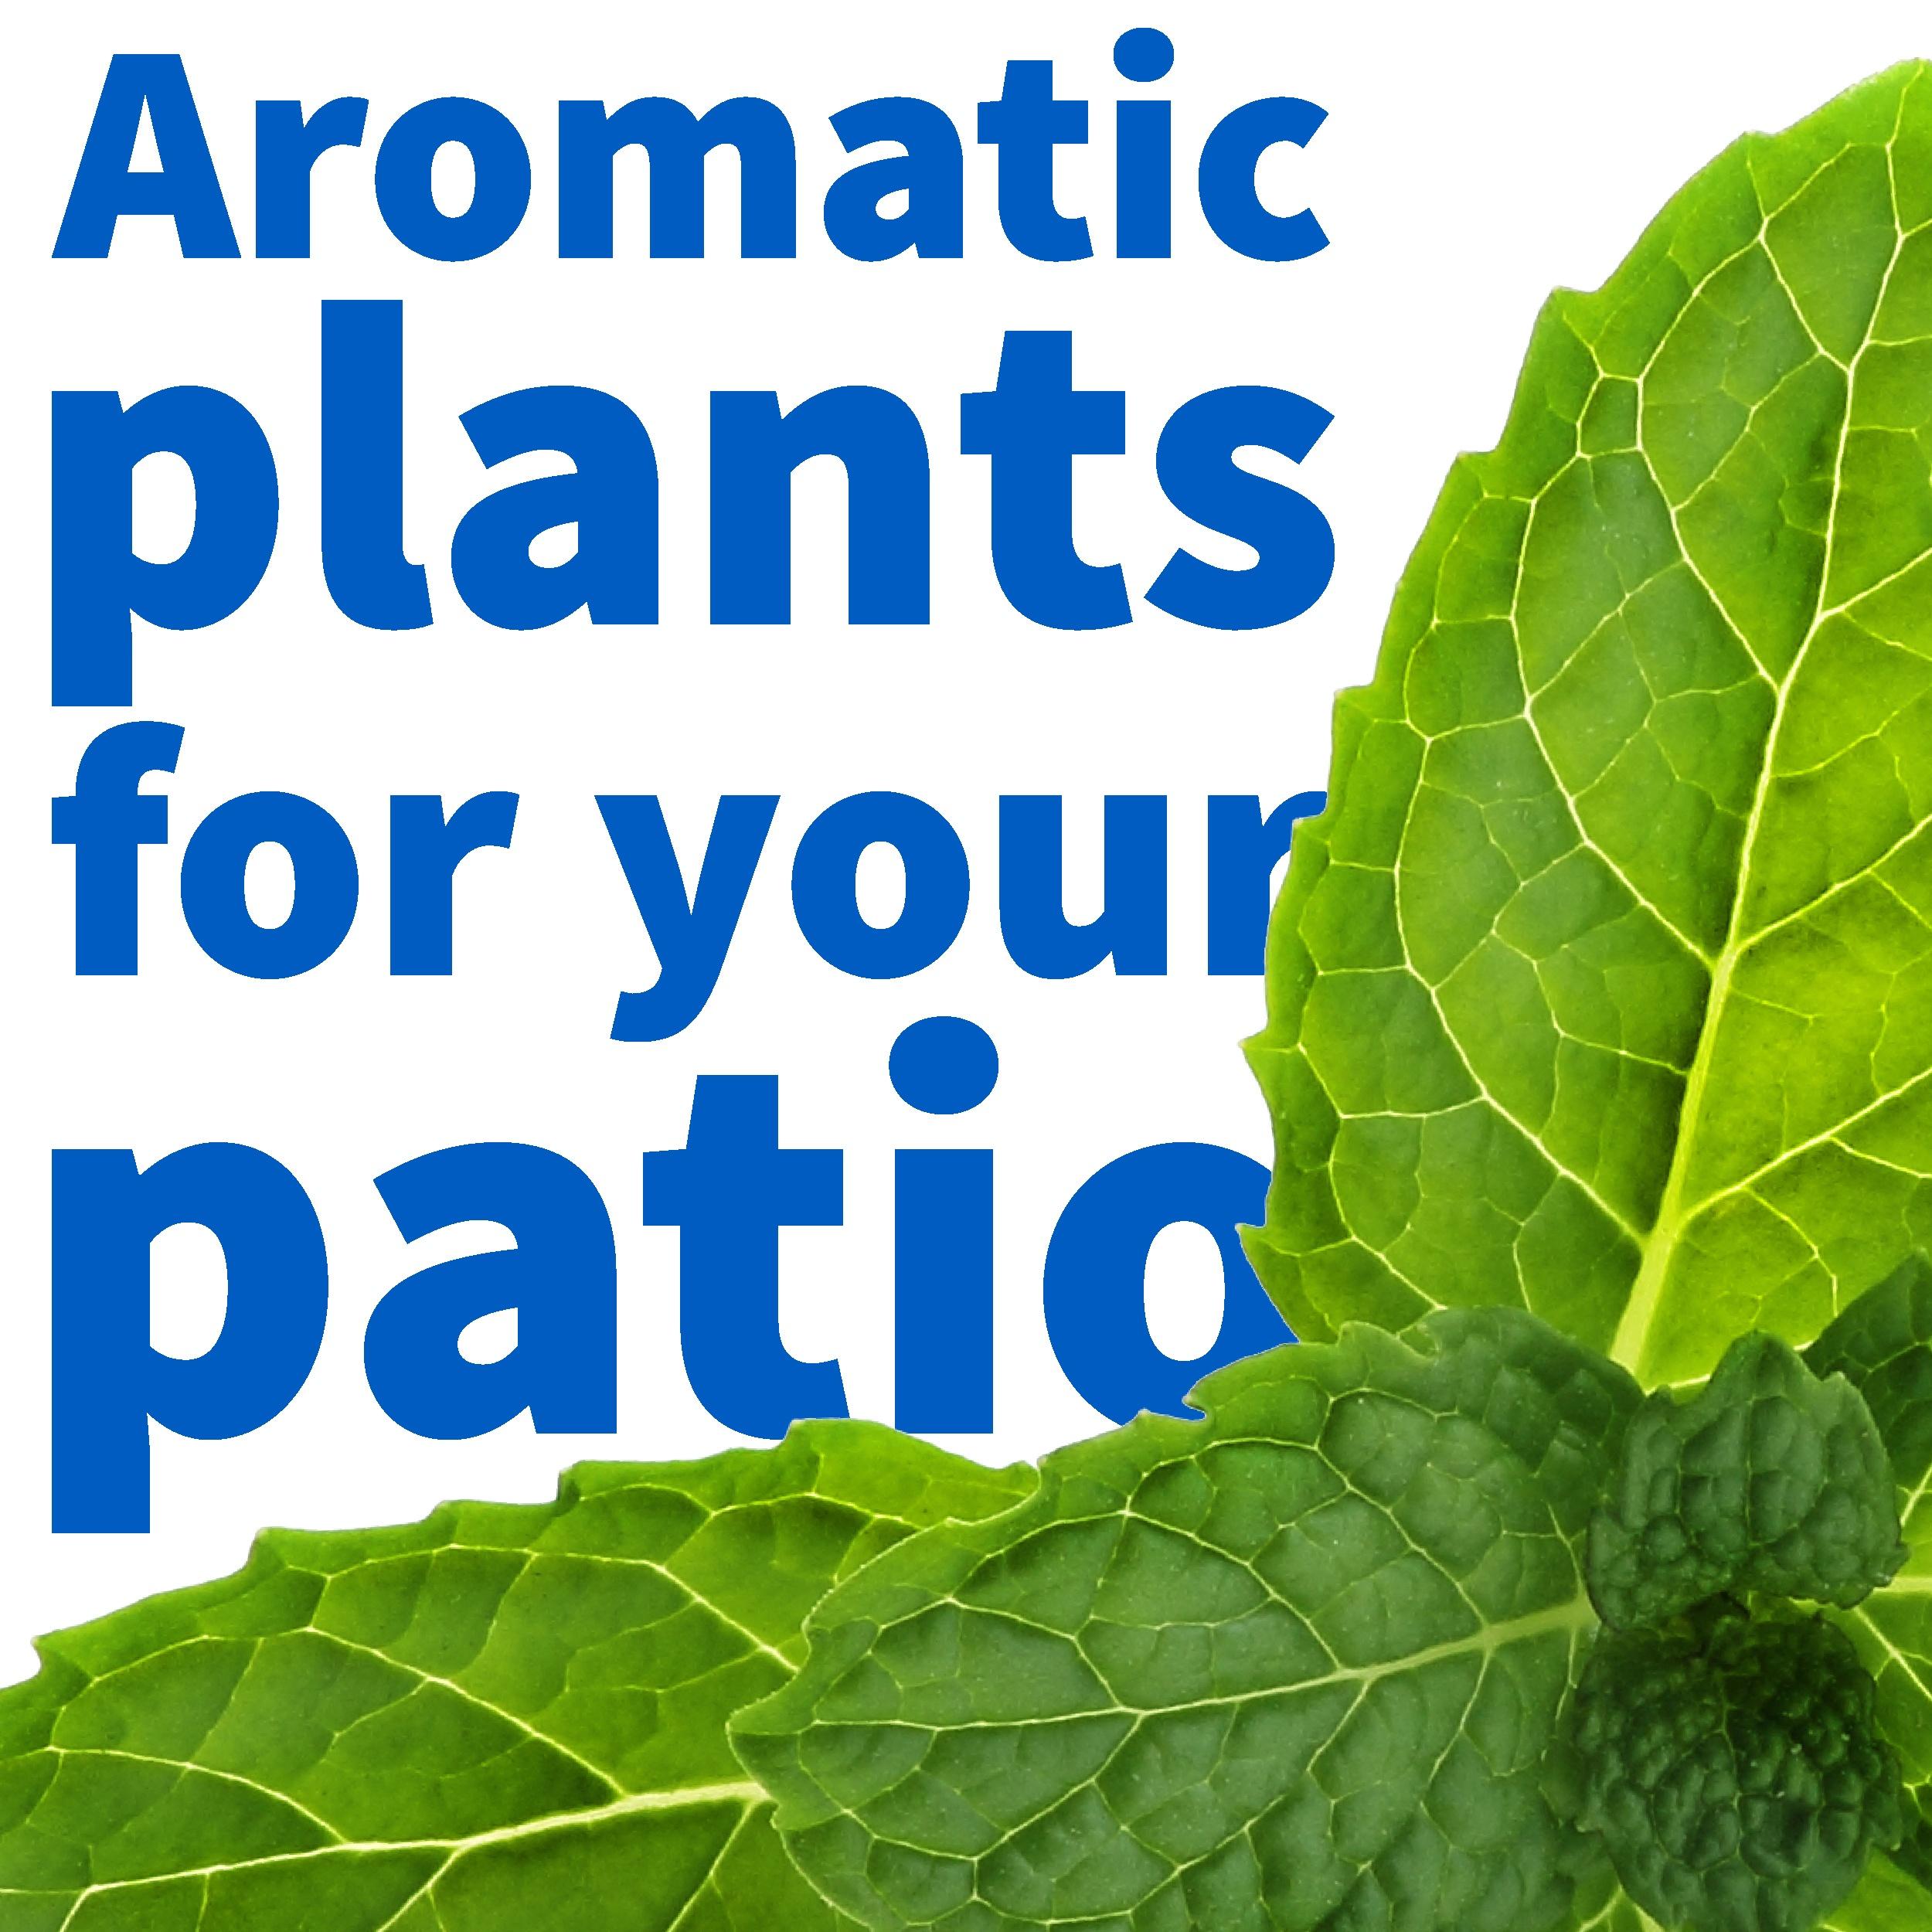 Aromatic_plants-01